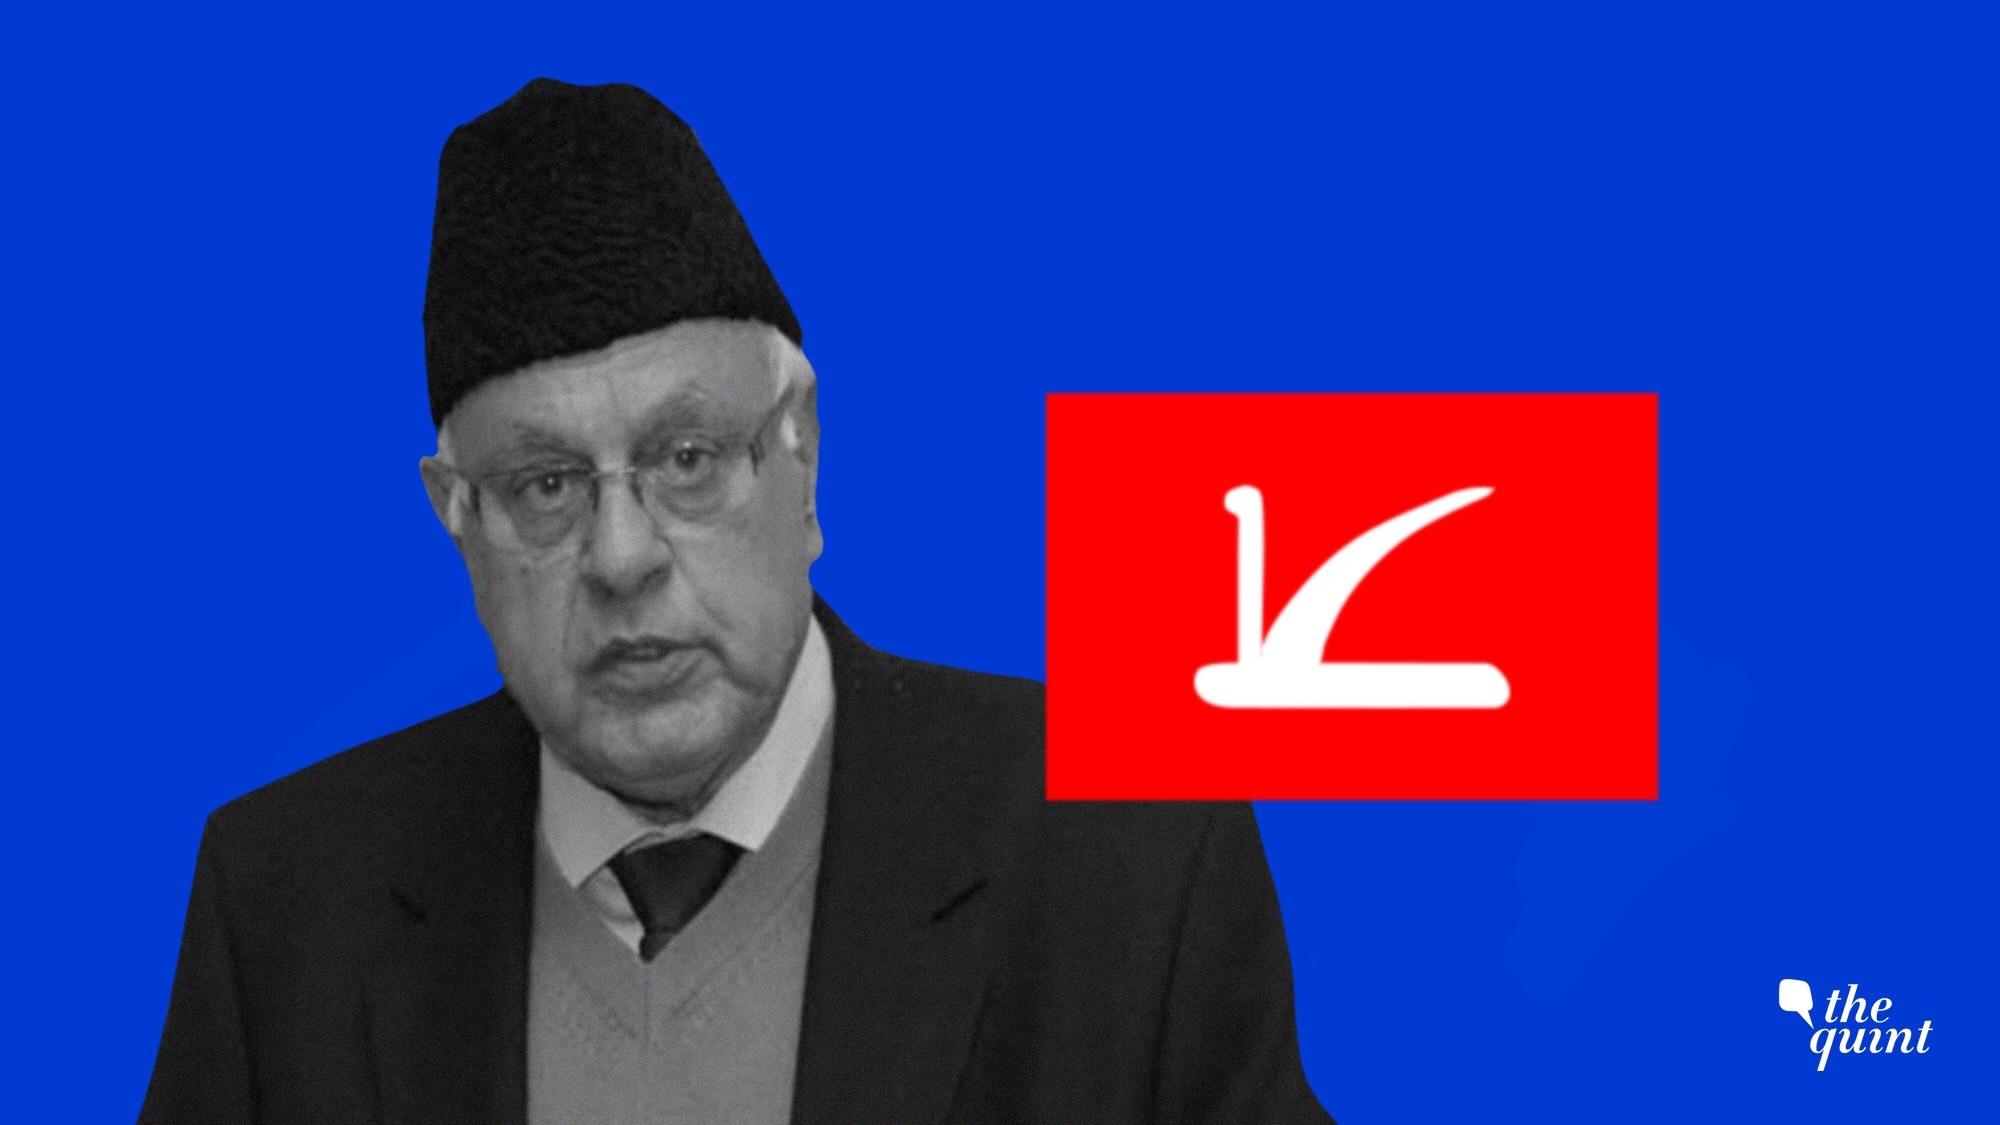 Kashmir Valley Votes Against BJP As Hindu-Muslim Divide Deepens